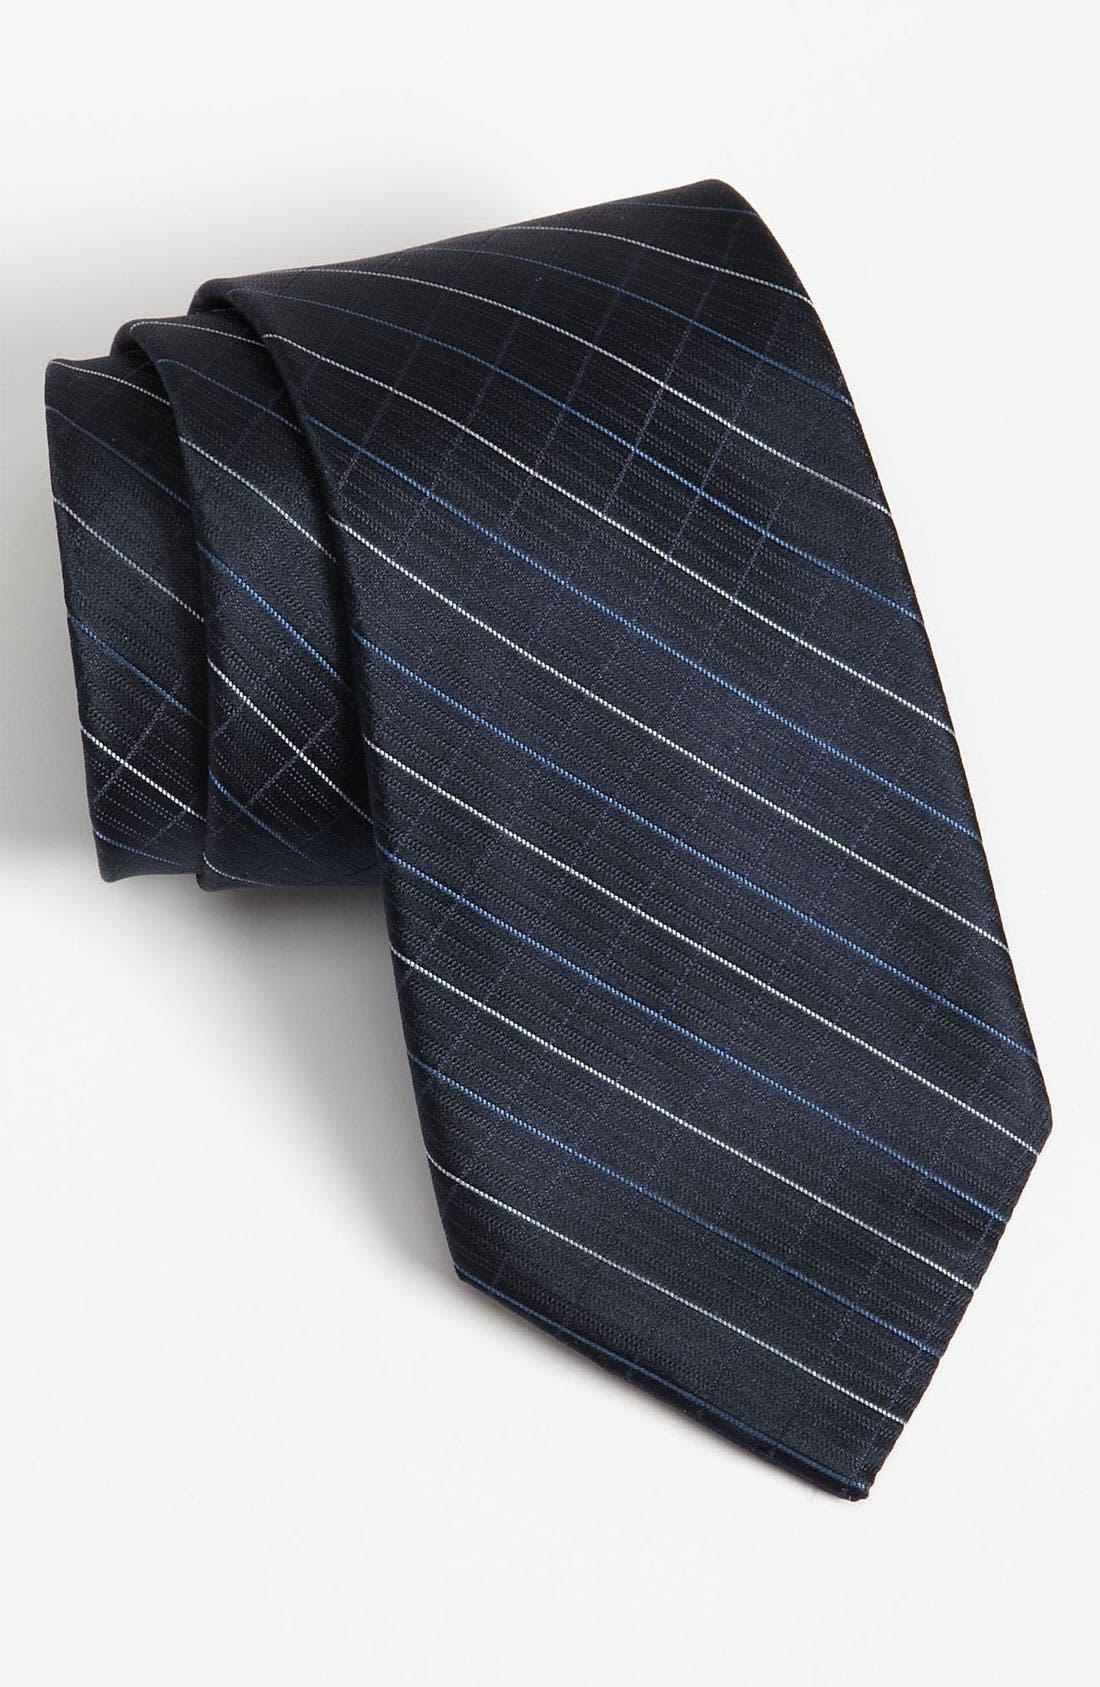 Main Image - Calvin Klein Woven Silk Tie (Online Only)